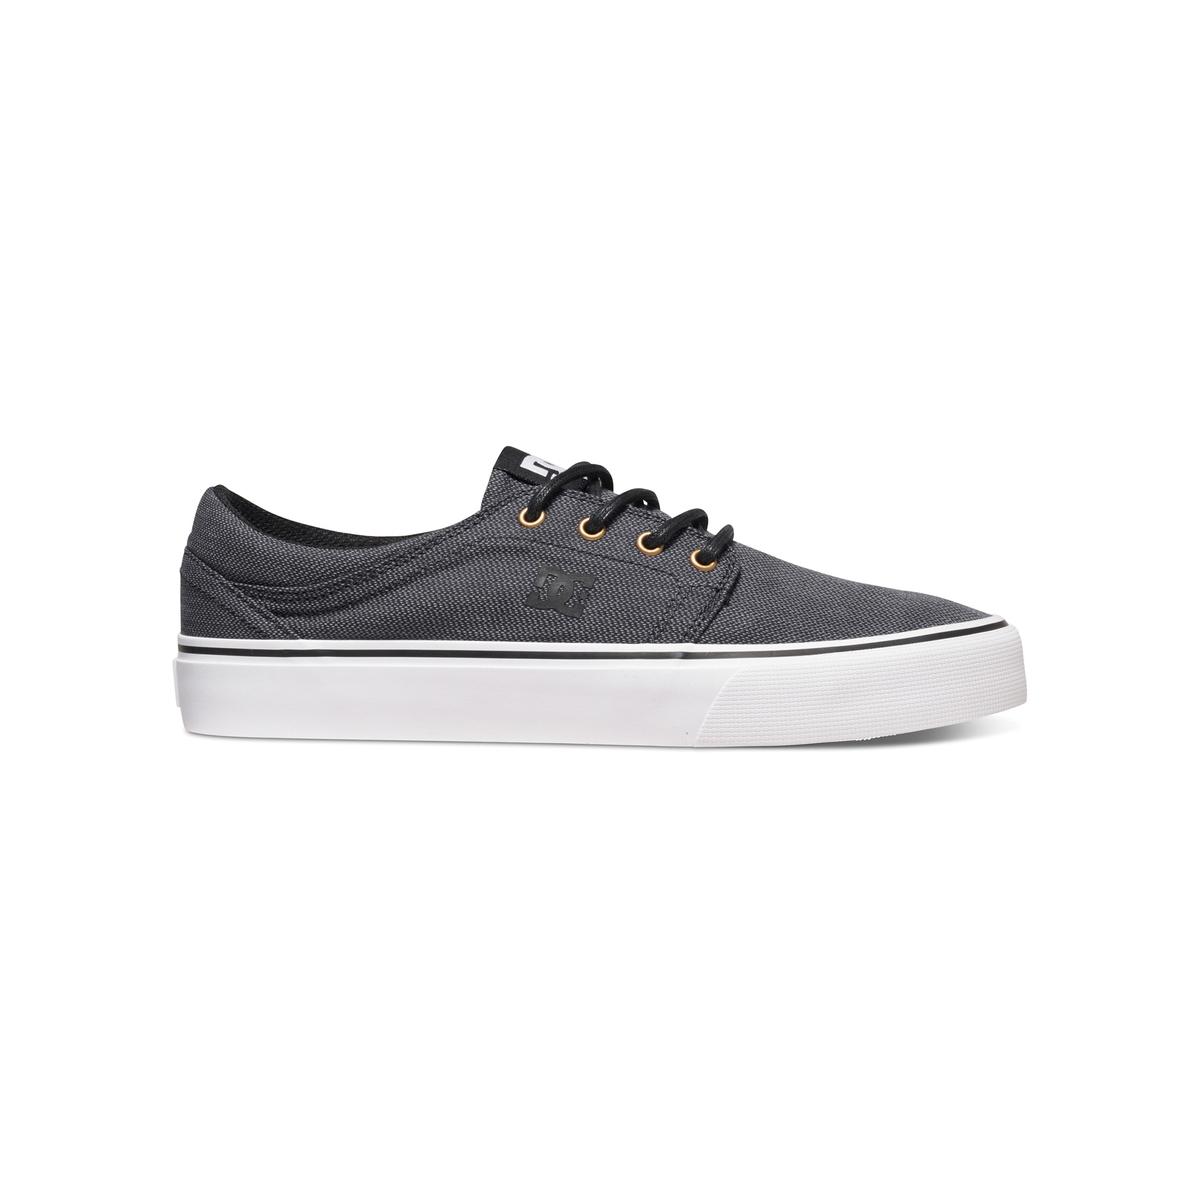 Кеды низкие DC SHOES TRASE TX SE M SHOE KGWКеды низкие на шнуровке, TRASE TX SE M SHOE KGW от DC SHOES.Верх: текстильПодкладка: текстильСтелька: текстиль Подошва : каучук Застежка : шнуровкаМарка DC Shoes, появившаяся в 1994 году,  позиционирует себя, как королева скольжения и создает стильные и технологичные коллекции для скейтборда, серфинга, сноуборда и даже для велосипедного мотокросса, мотоспорта и экстремальных видов спорта. В своих коллекциях она предлагает модную городскую обувь, невероятно легкую и как всегда с калифорнийским колоритом! Все преимущества марки - в модной модели Trase !<br><br>Цвет: черный<br>Размер: 40